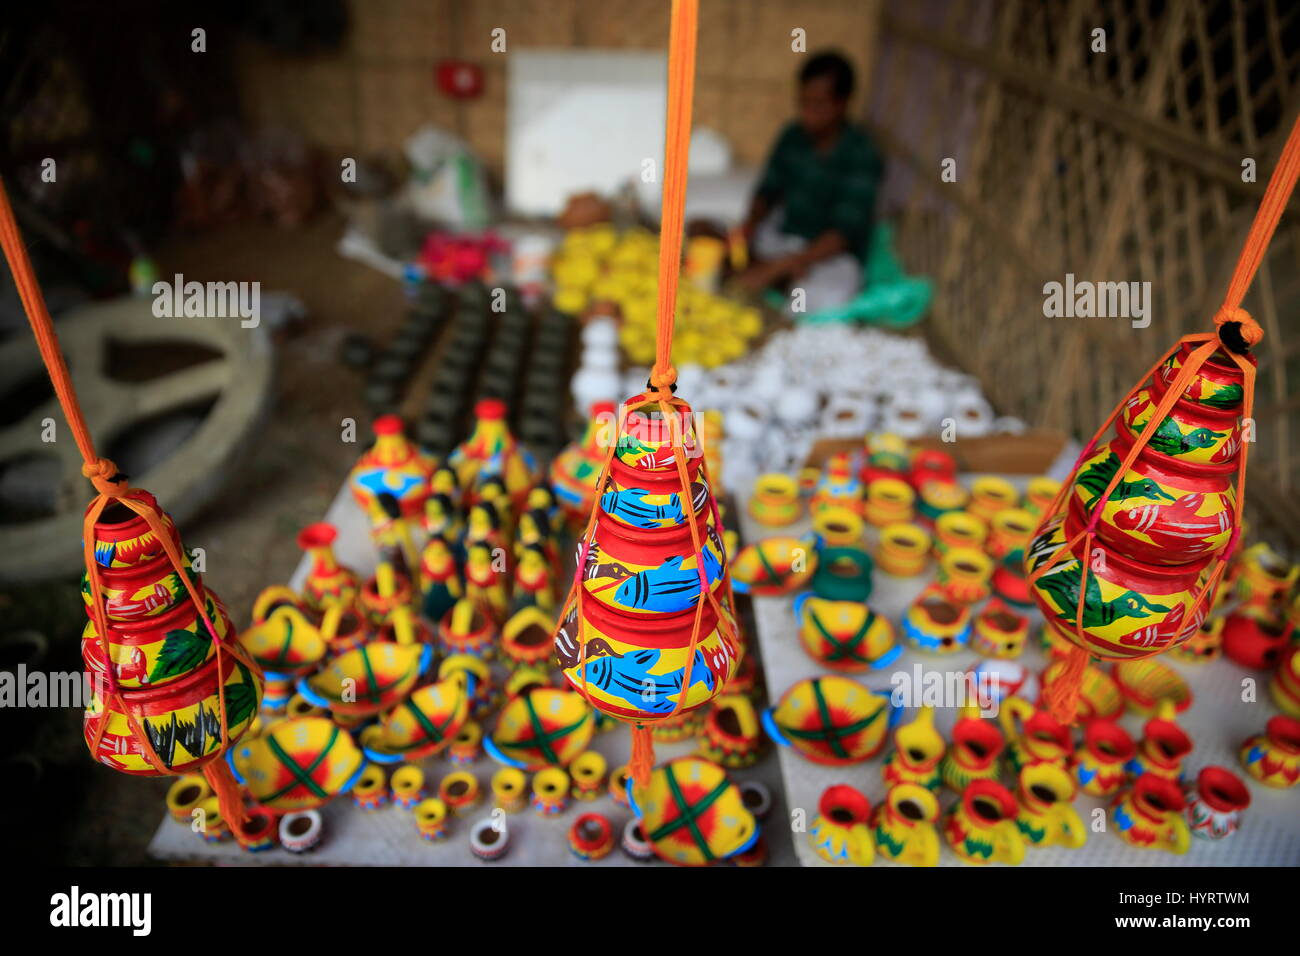 Colourful clay pots locally called Shokher Hari display at 'Lok o karushilpo Mela' at Sonargaon, Narayanganj, - Stock Image